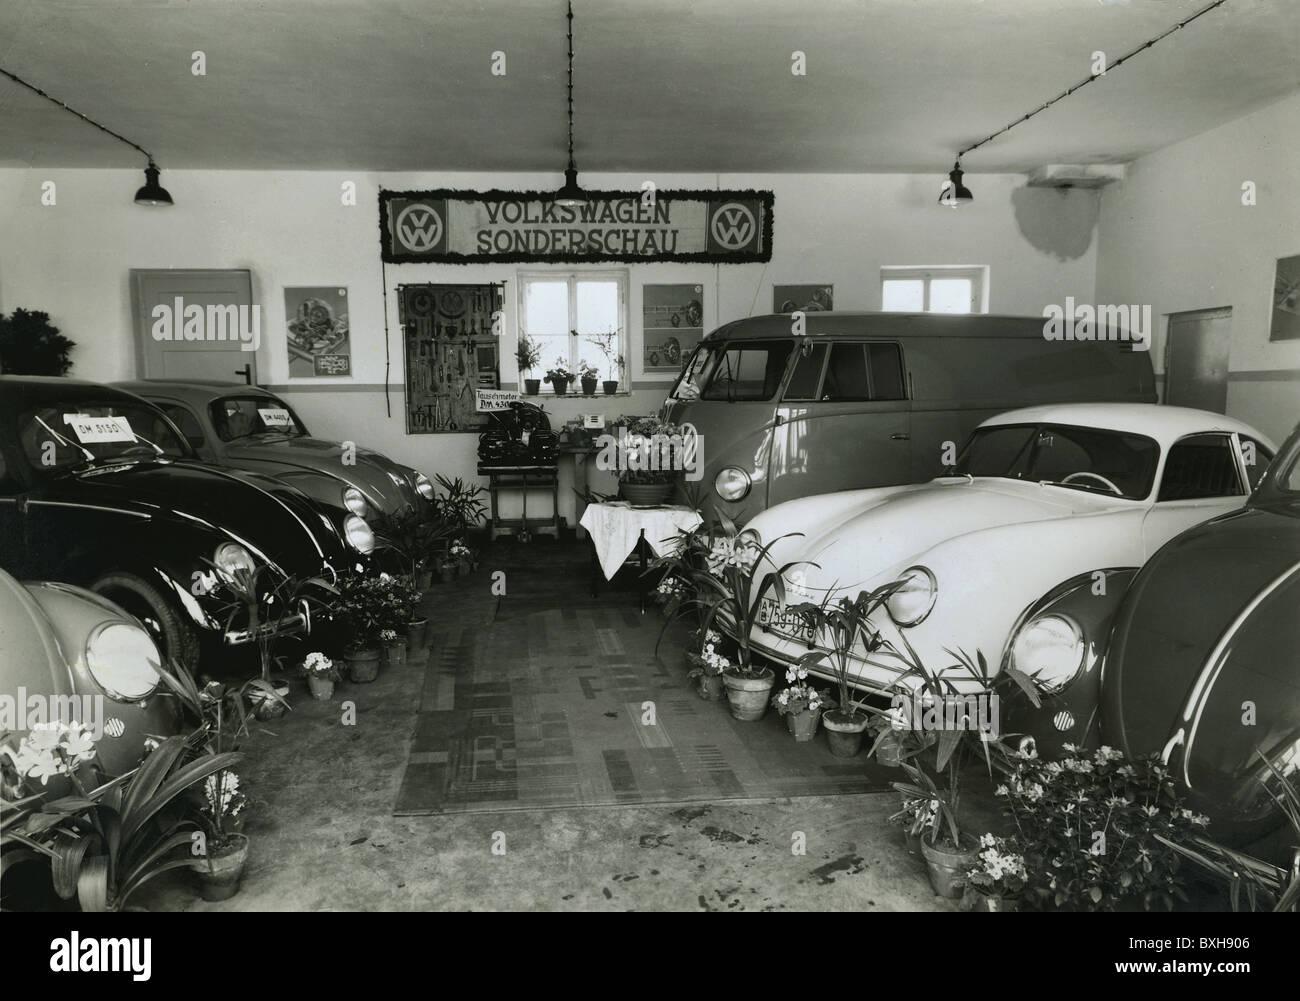 trade, shops, car dealer, Volkswagen dealer with cars, showroom ...